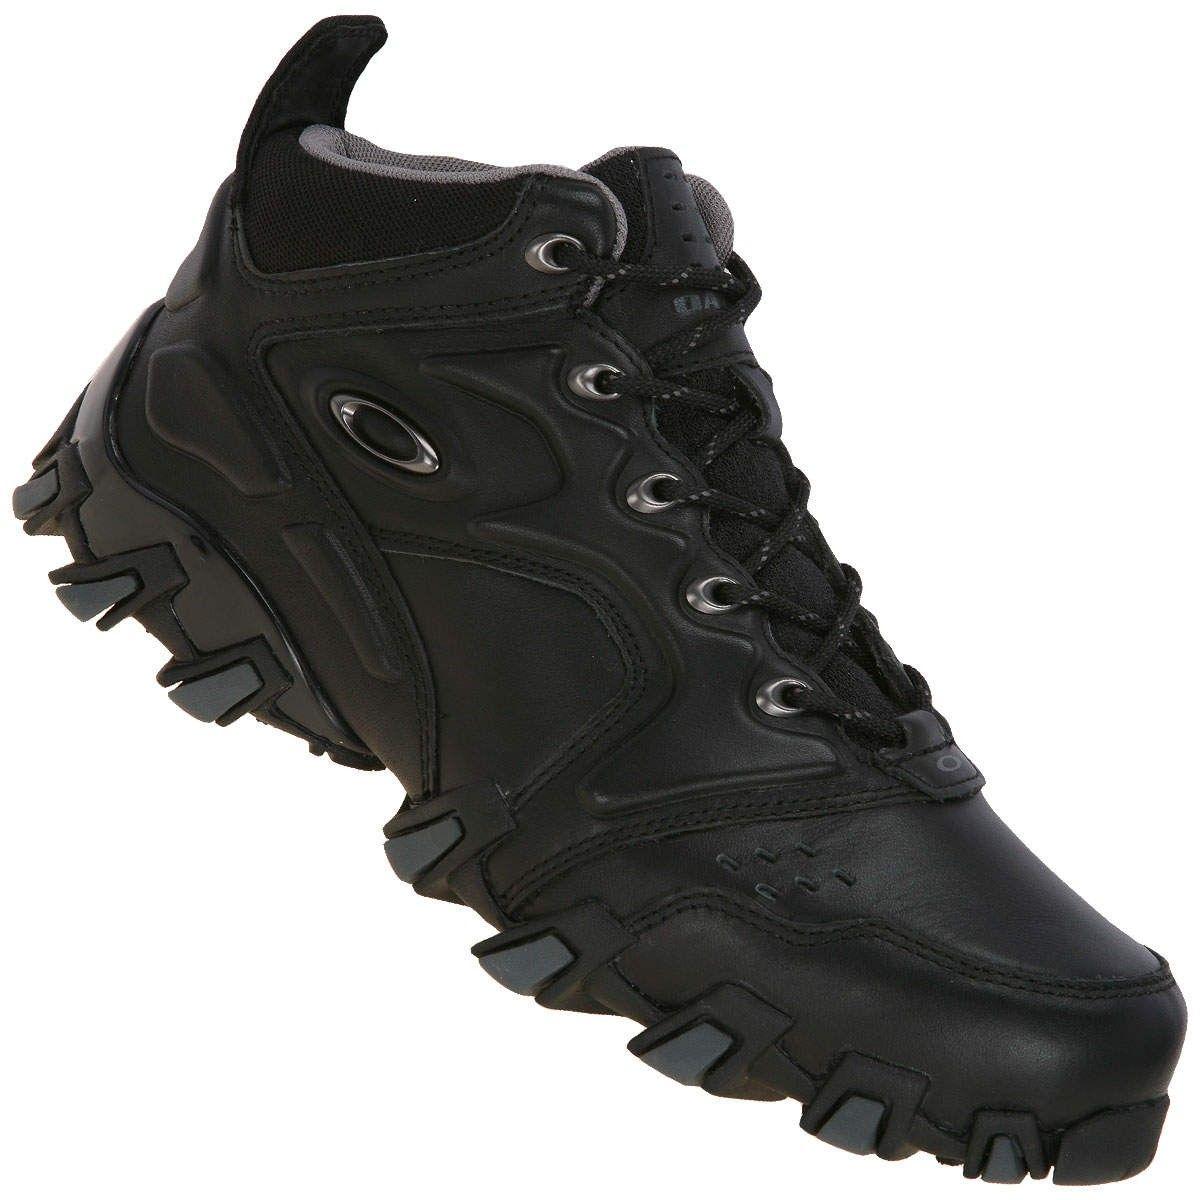 Oakley Shoes, From Brazil - tenis-oakley-teeth-anchor-masculino-img.jpg